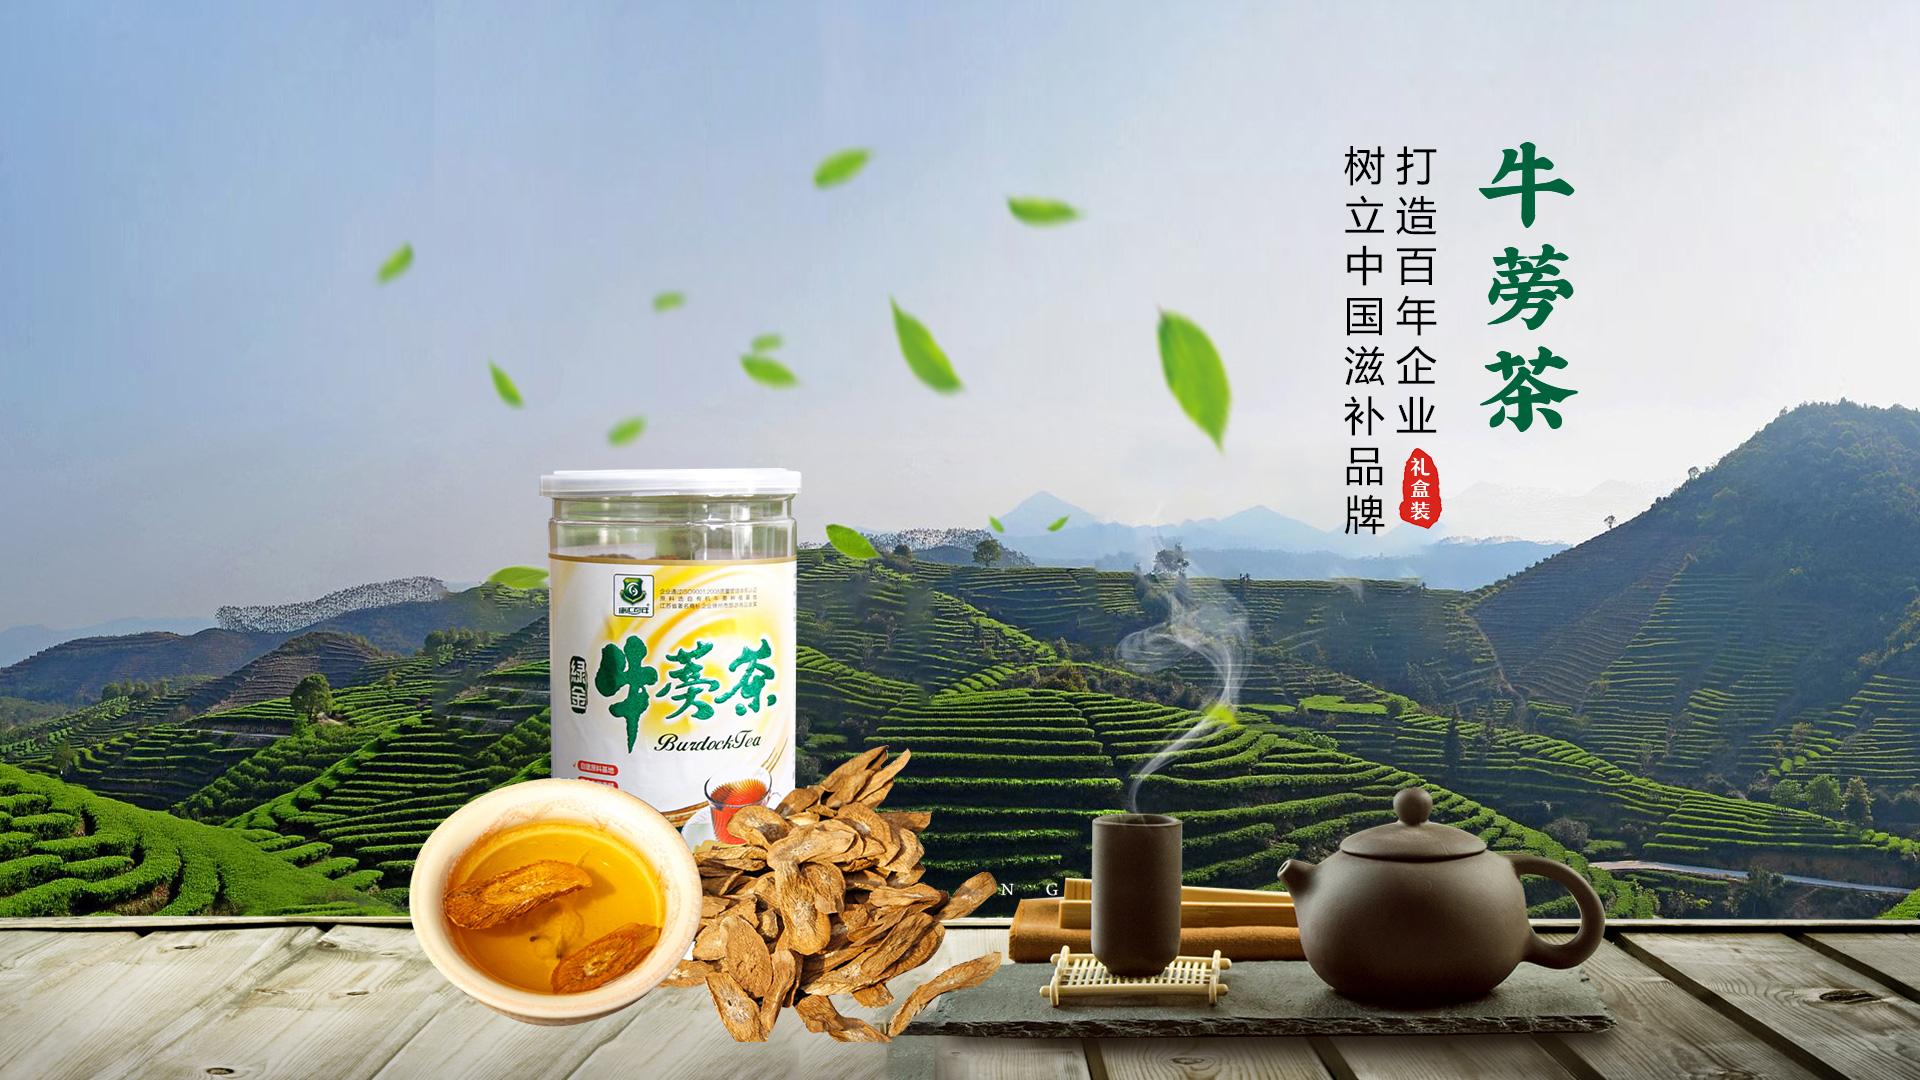 牛蒡茶廠家